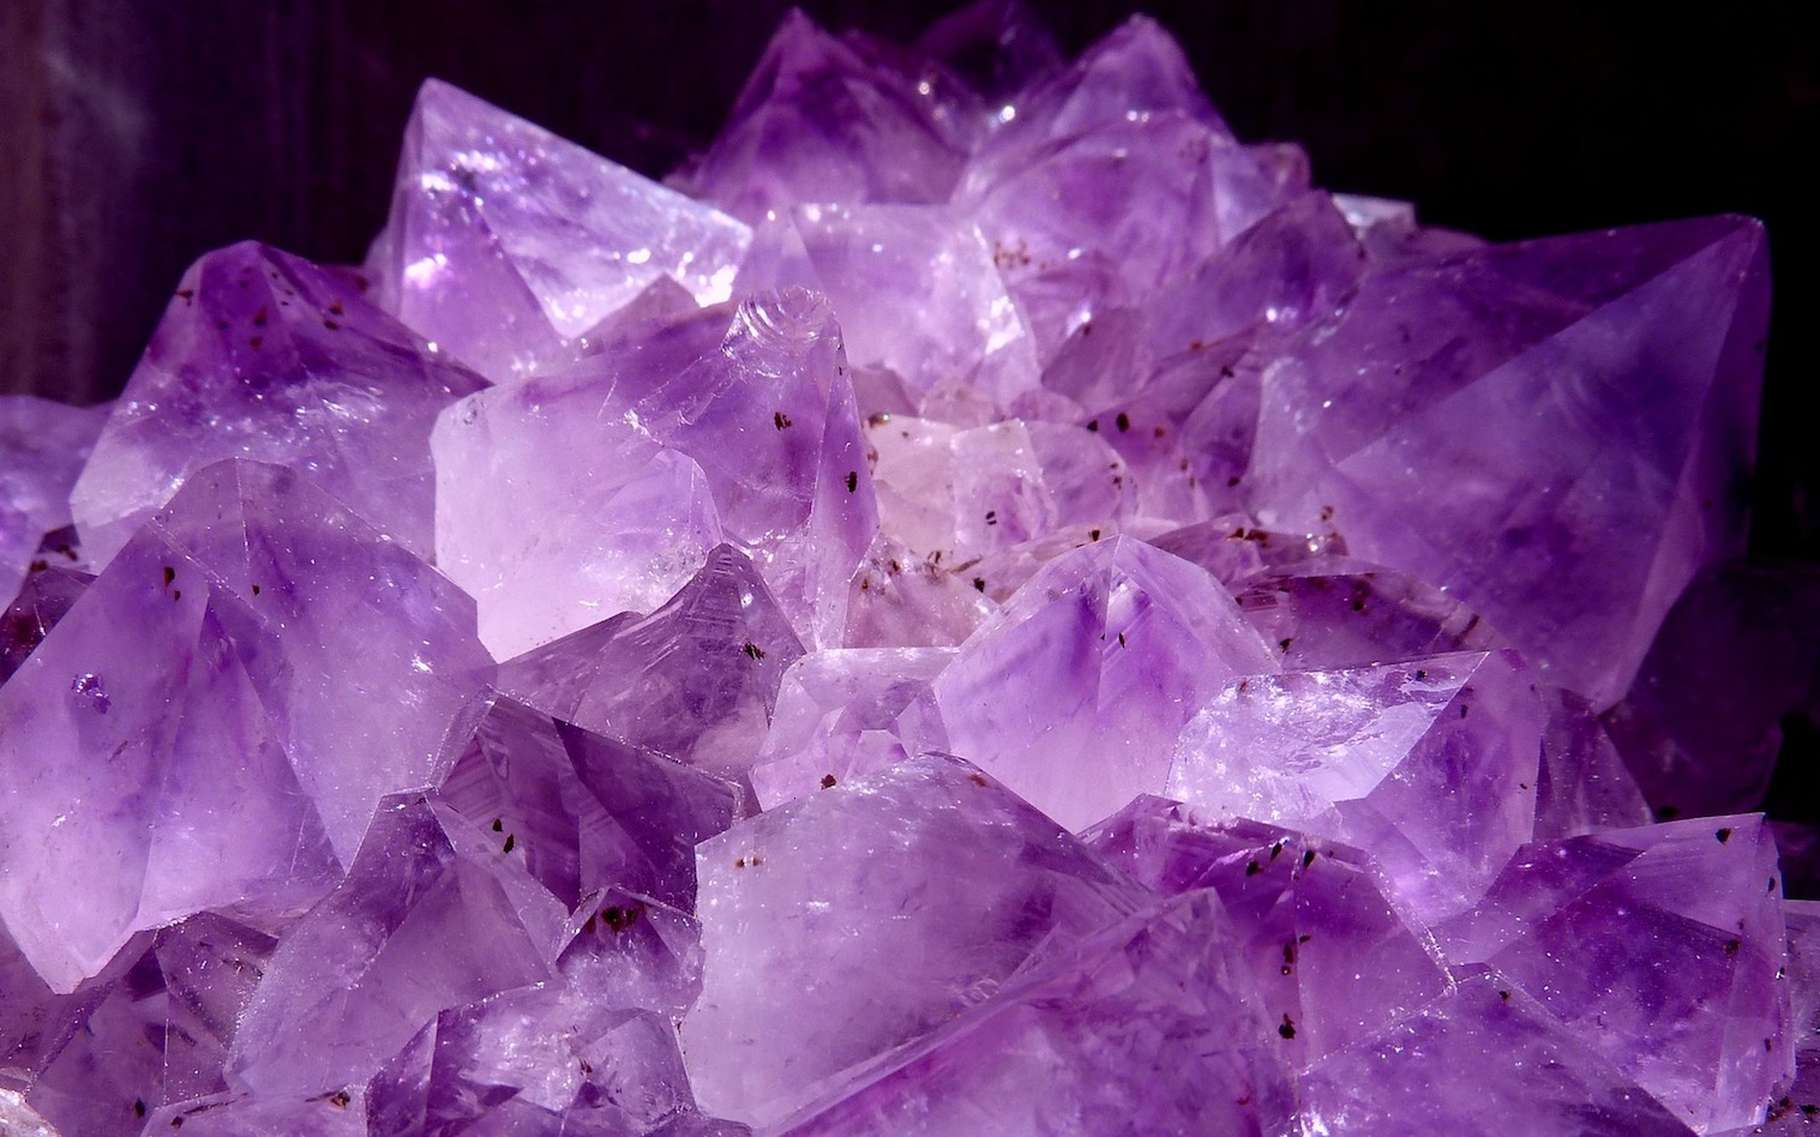 L'améthyste — une variété du quartz —, ici en photo, est une gemme — une pierre qui intéresse la bijouterie — transparente de couleur violette. © alusruvi, Pixabay, CC0 Creative Commons